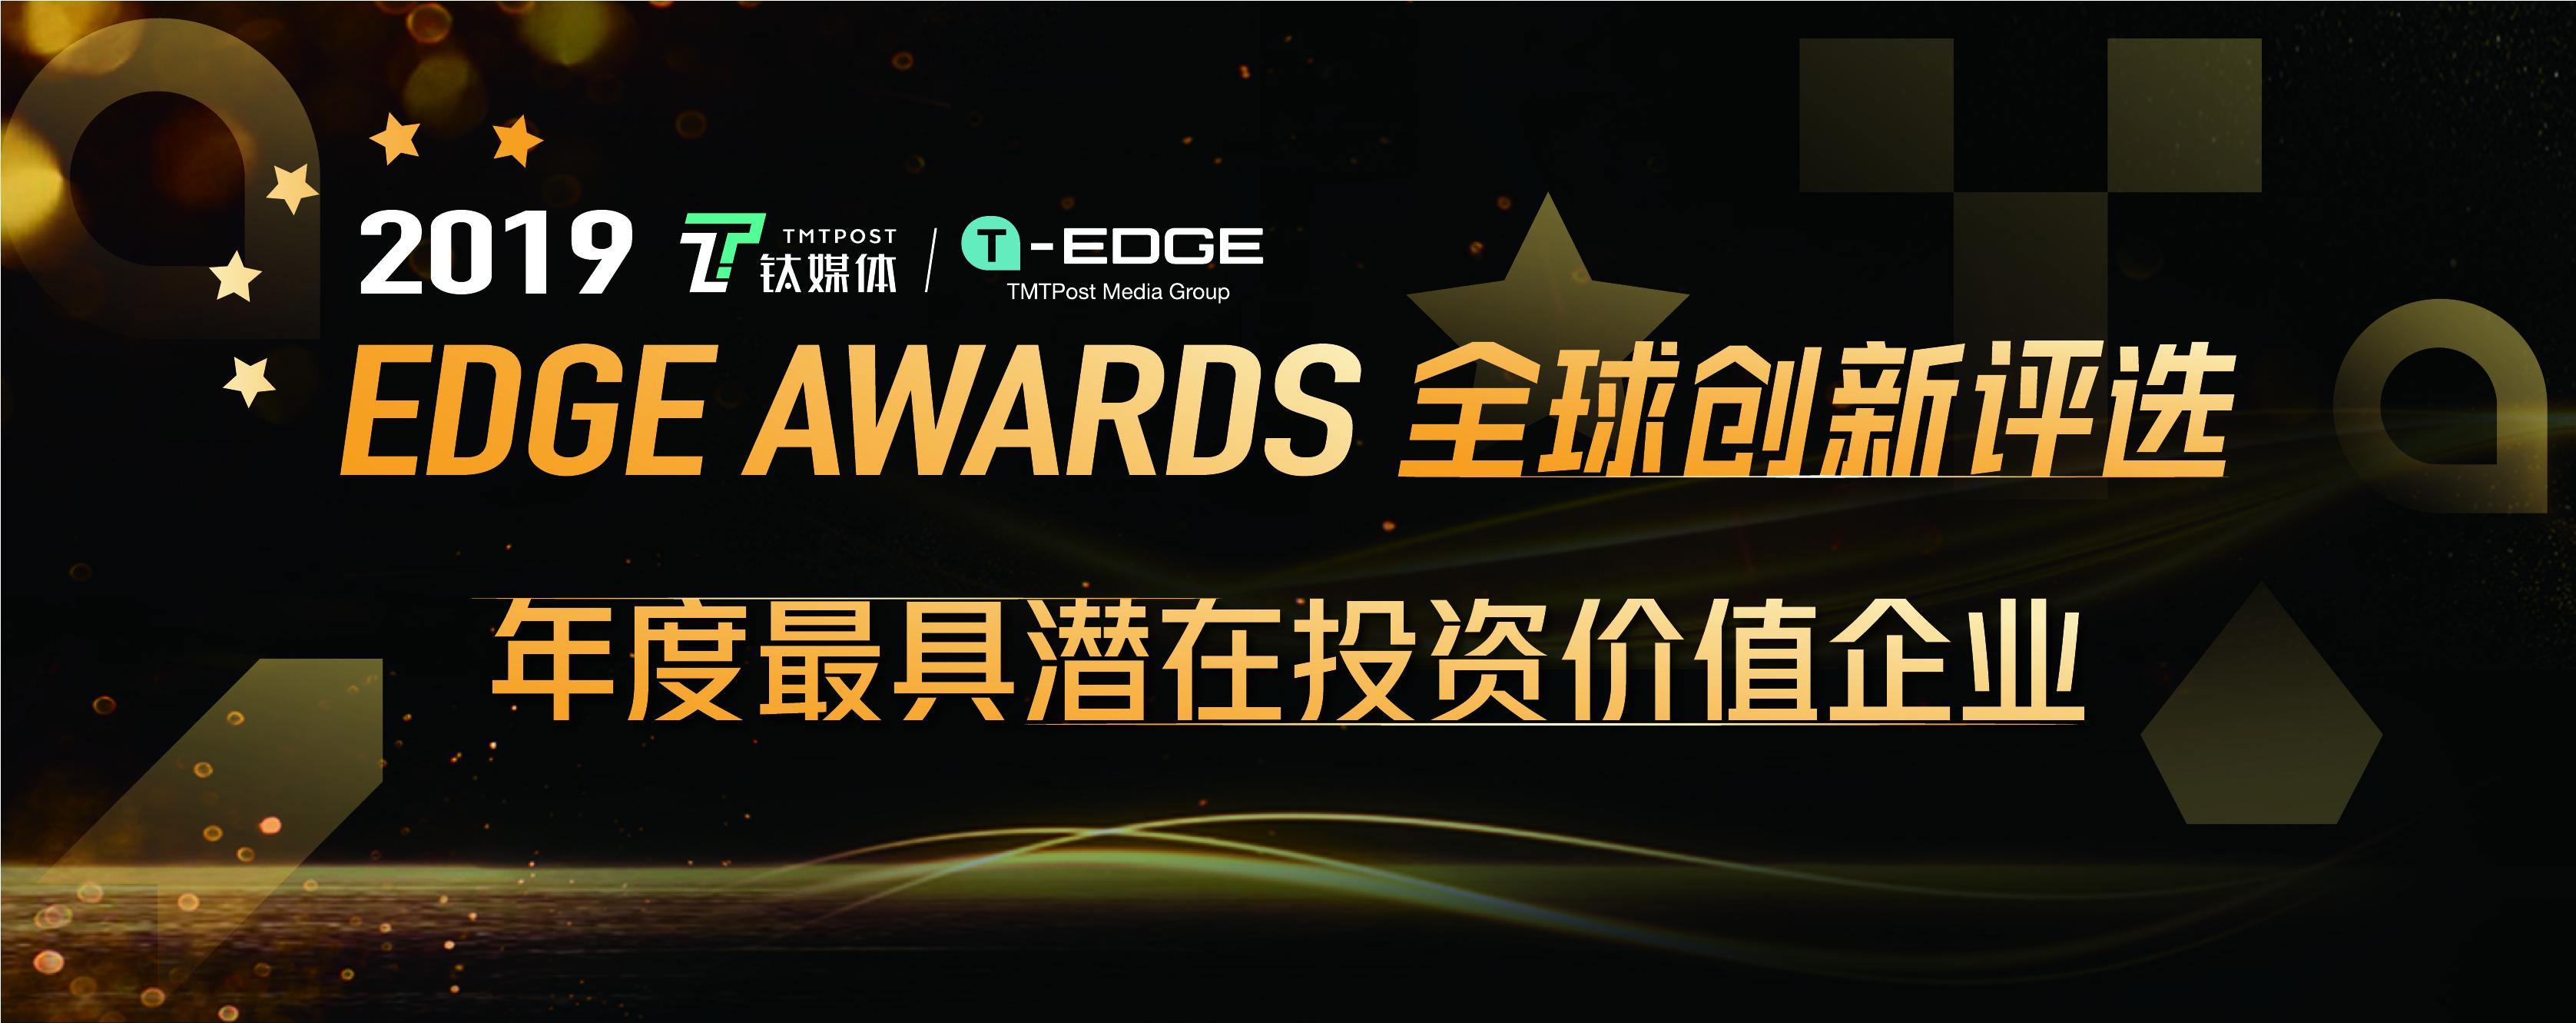 钛媒体 2019 EDGE Awards 「年度最具潜在投资价值企业」投票开启